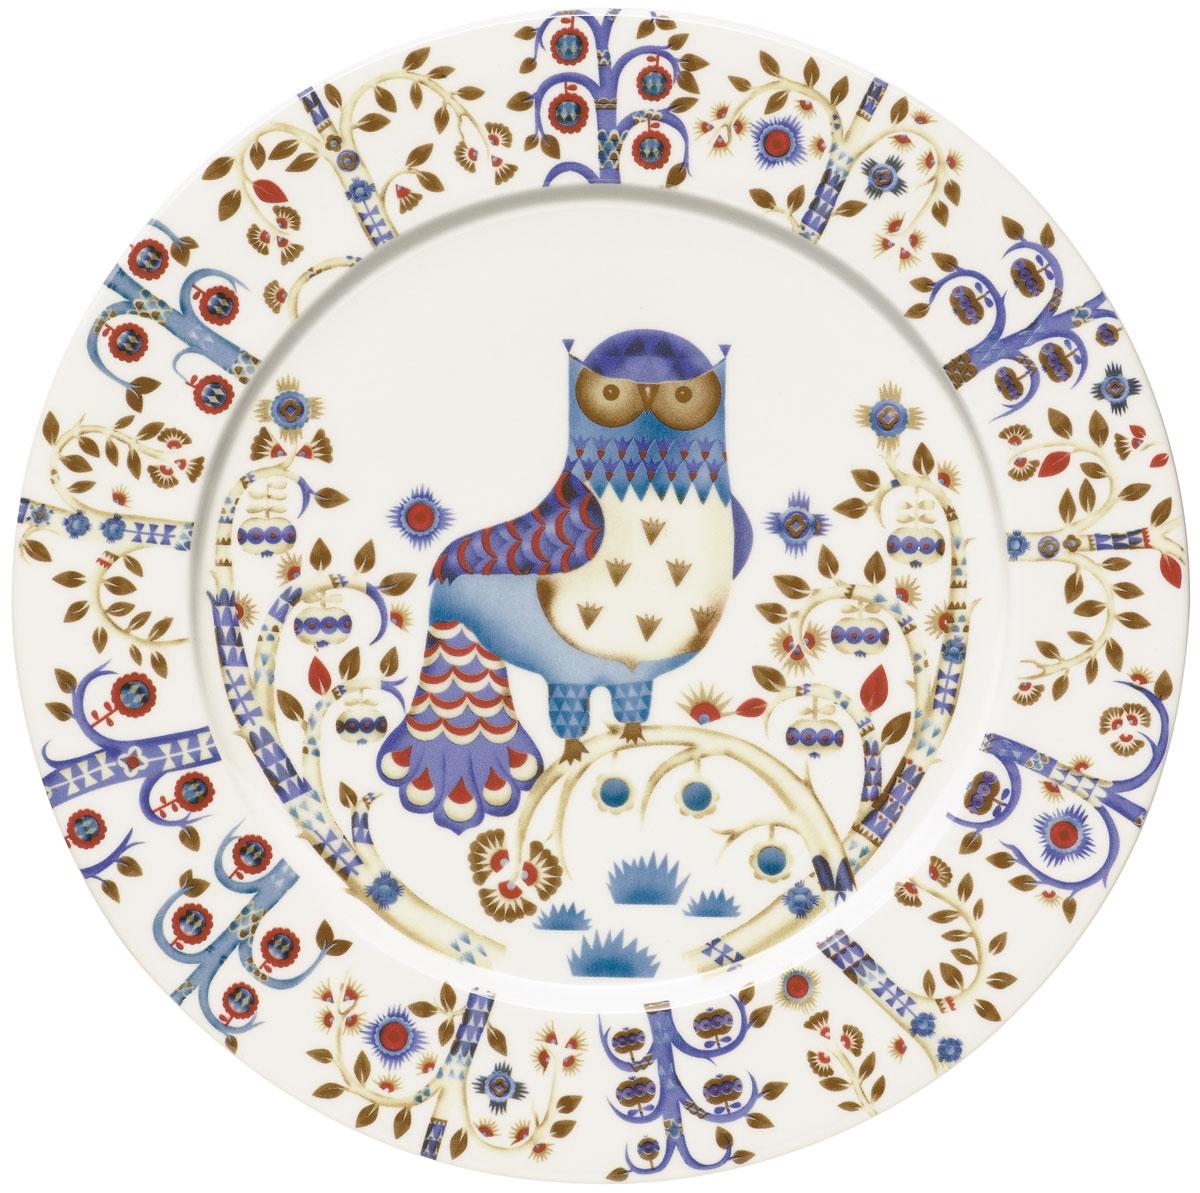 Тарелка Iittala Taika, цвет: белый, диаметр 30 см1012436Тарелка Iittala Taika выполнена из качественного жароустойчивого прочного фарфора с долговечным стекловидным эмалевым покрытием.Идеально подойдет для сервировки стола и станет отличным подарком к любому празднику.